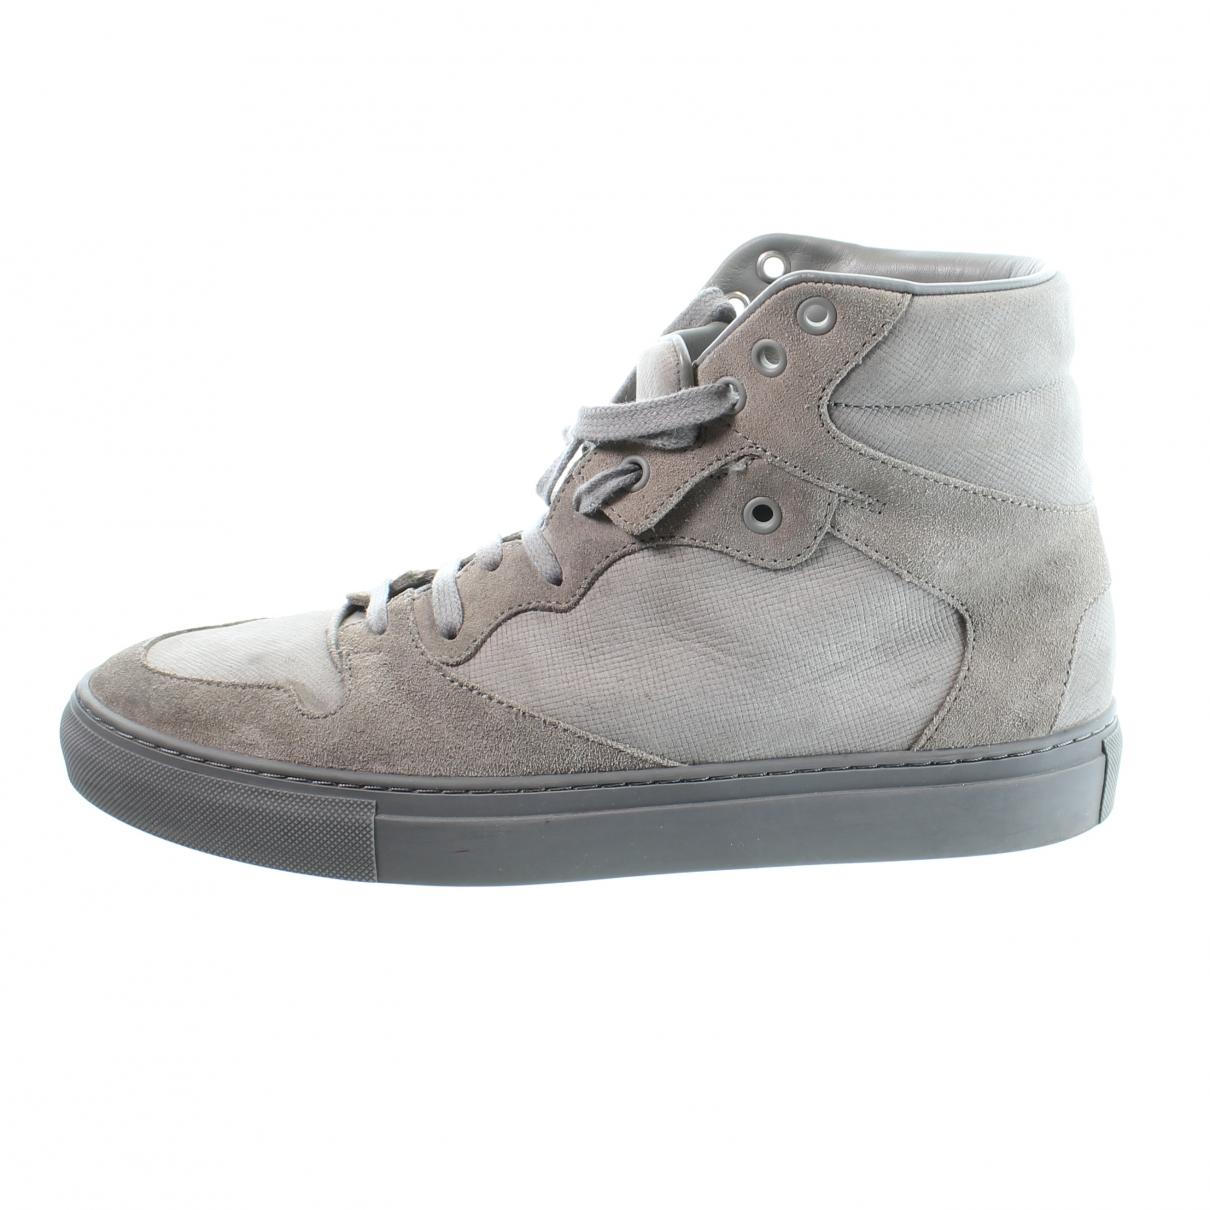 Balenciaga - Bottes.Boots   pour homme en suede - gris